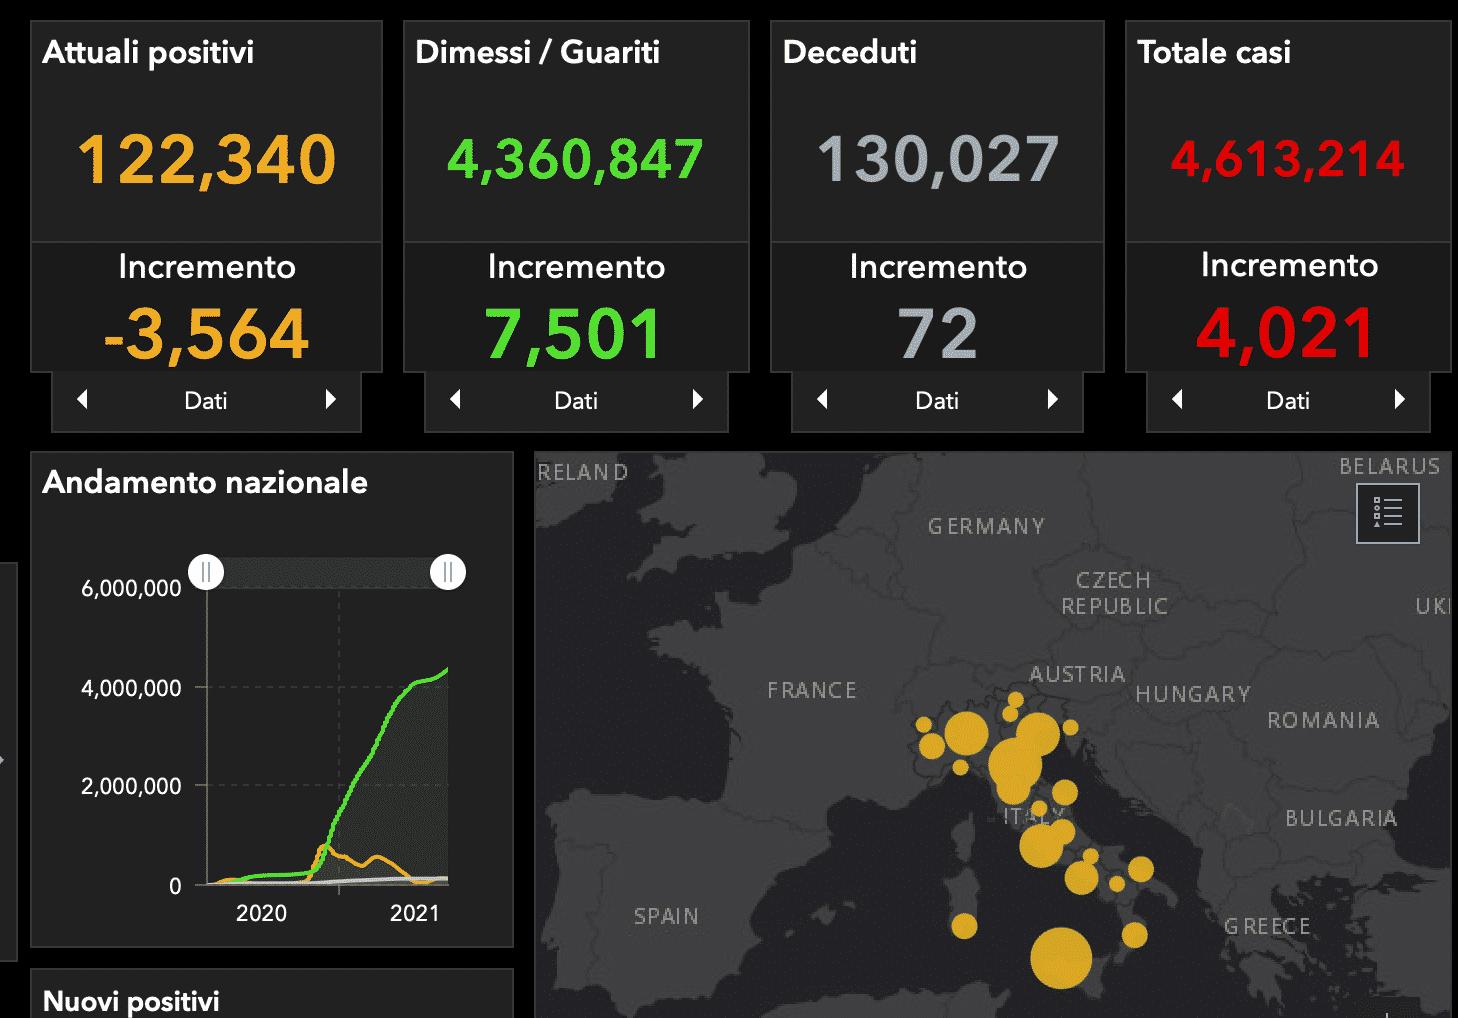 Bollettino Covid-19 Italia, sono oltre 4mila i nuovi casi: il 74,28% della popolazione è immunizzata